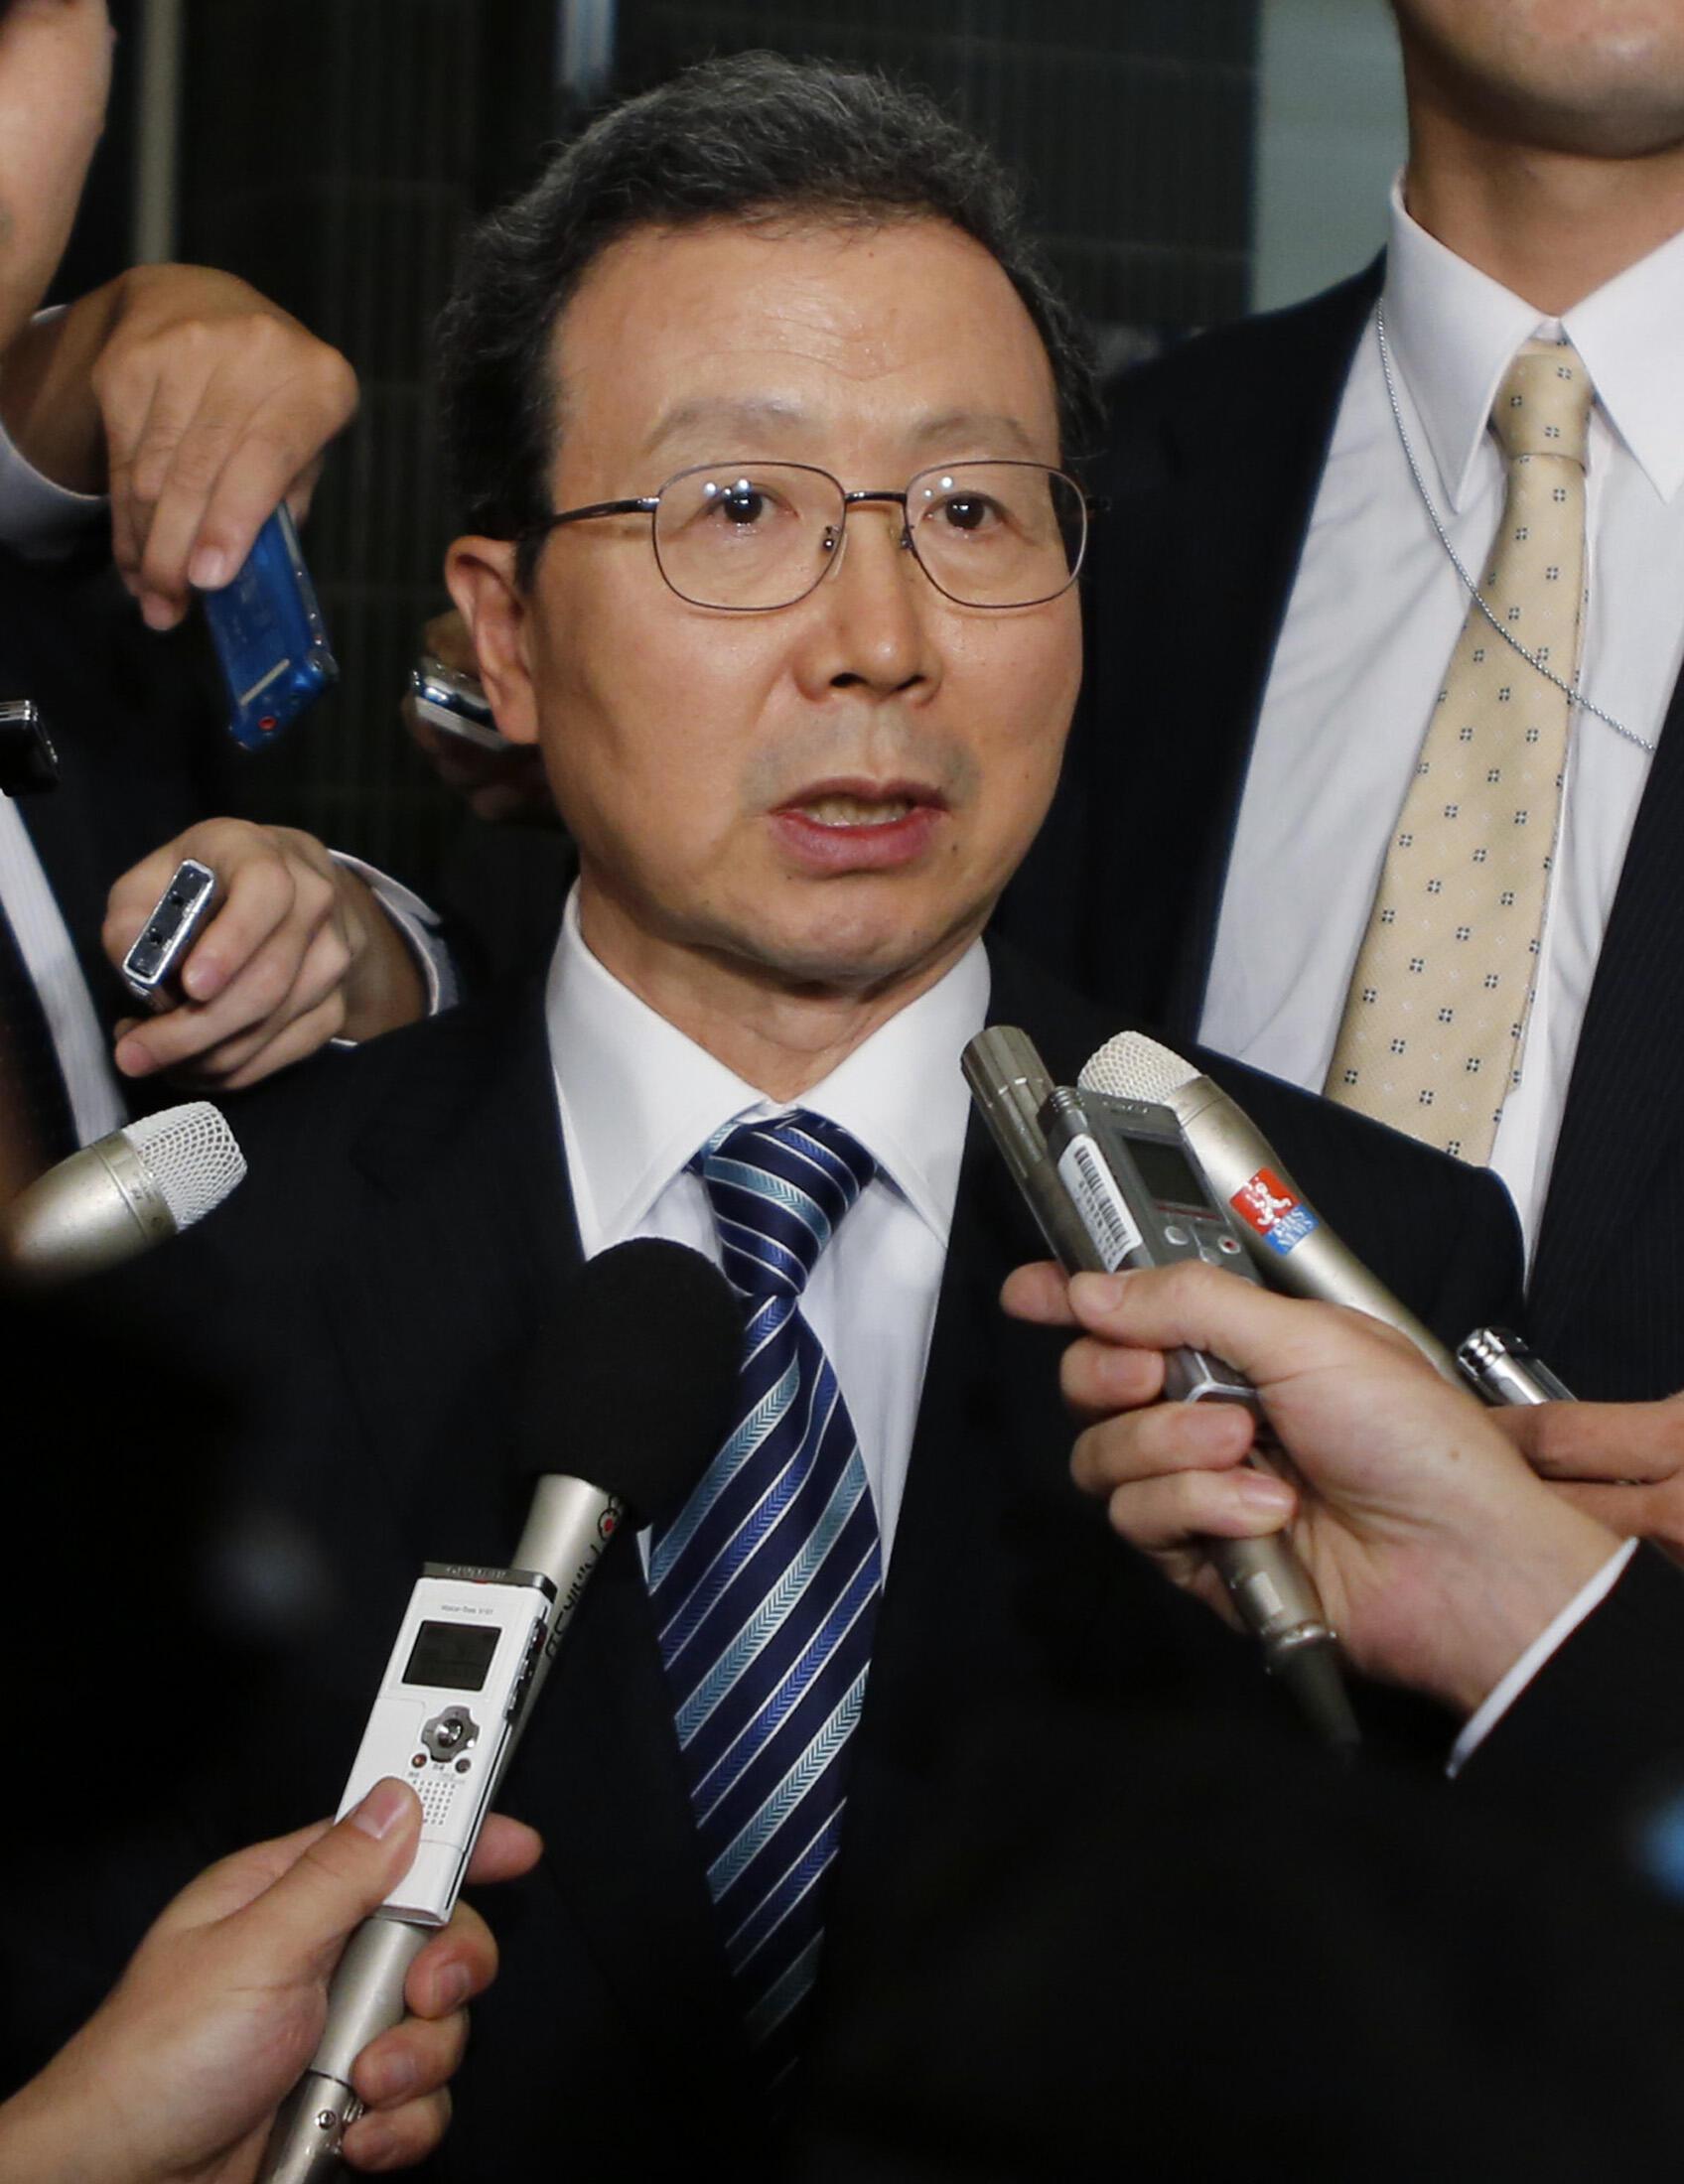 Đại sứ Trung Quốc tại Tokyo, Trình Vĩnh Hoa, (Cheng Yonghua) trả lời báo chí, sau cuộc gặp với đại diện Bộ Ngoại giao Nhật Bản,Tokyo, 25/11/2013